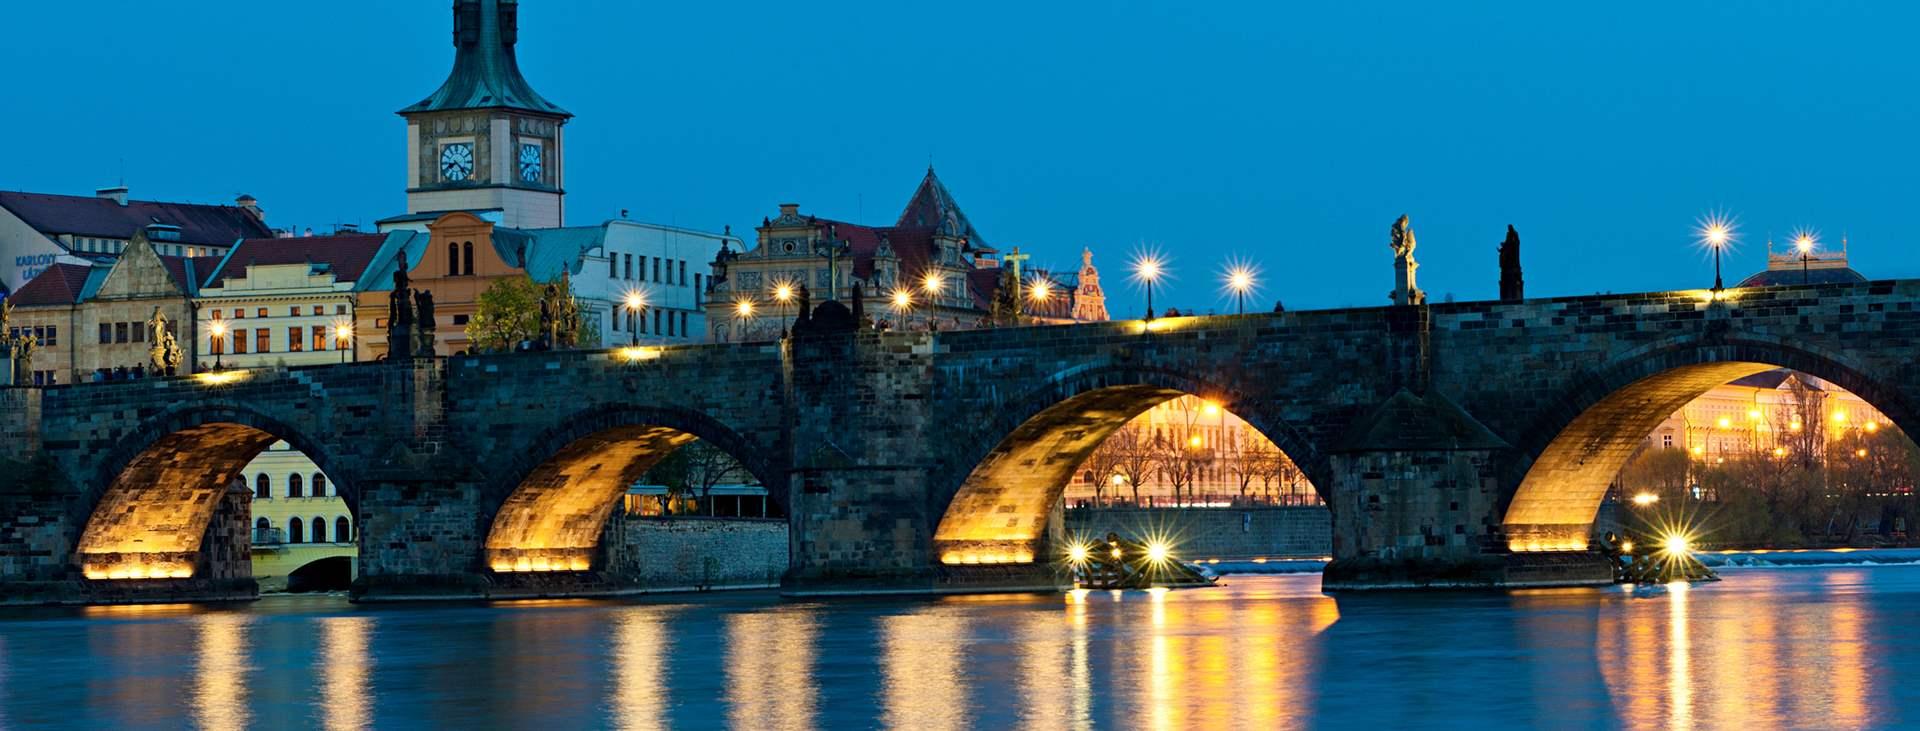 Bestill en reise med fly og hotell til Tsjekkia